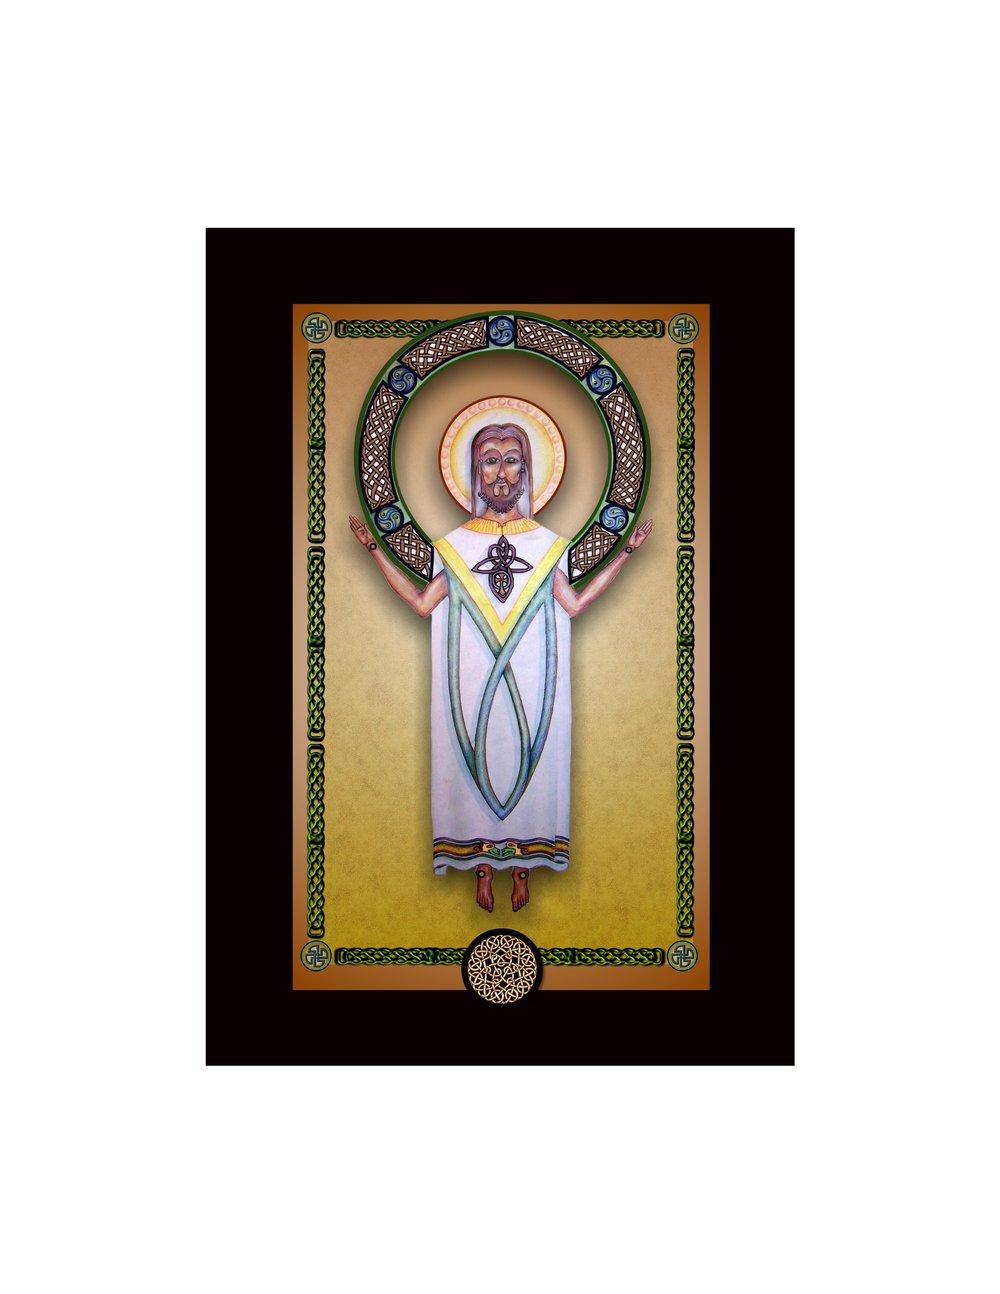 Ascending Christ.jpg